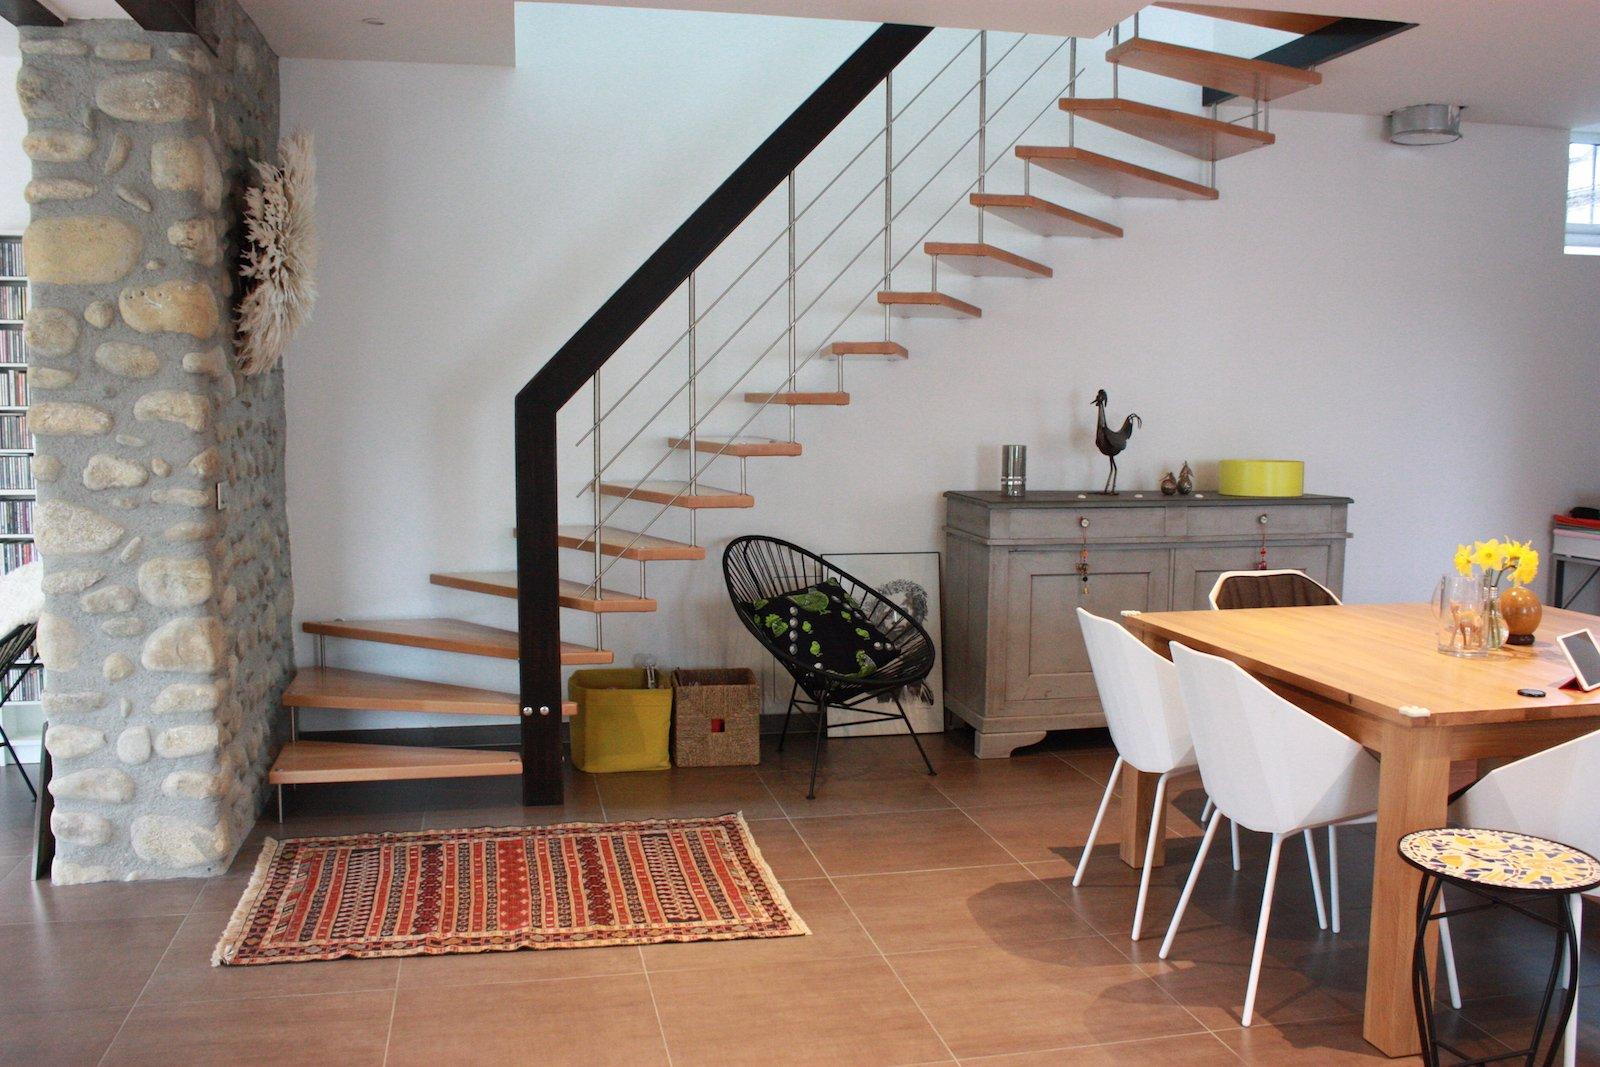 Une grange en maison d 39 habitation tarbes - Renovation d une grange en maison d habitation ...